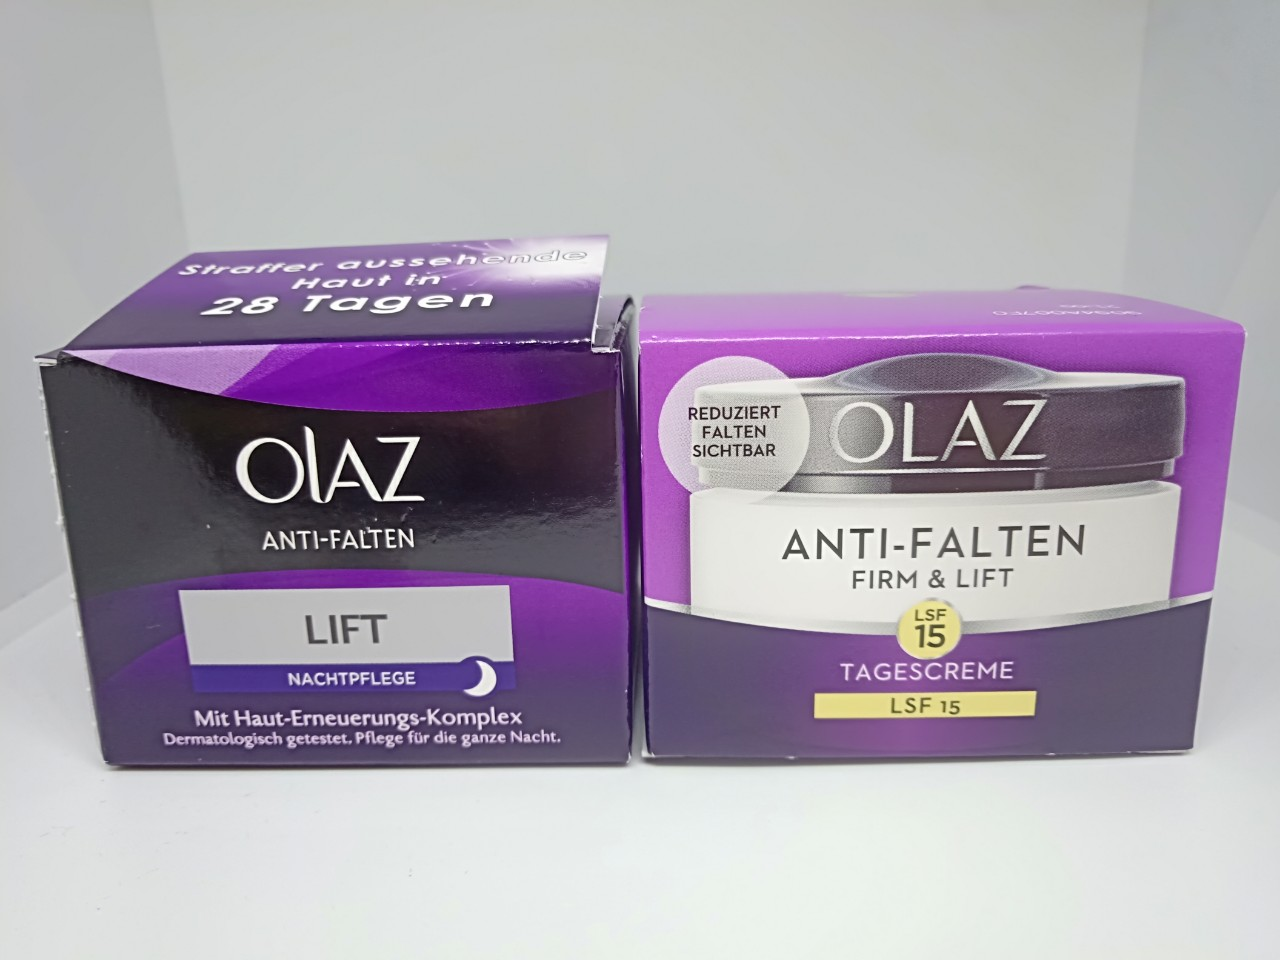 Kem dưỡng giảm nếp nhăn và nâng cơ Olaz lift